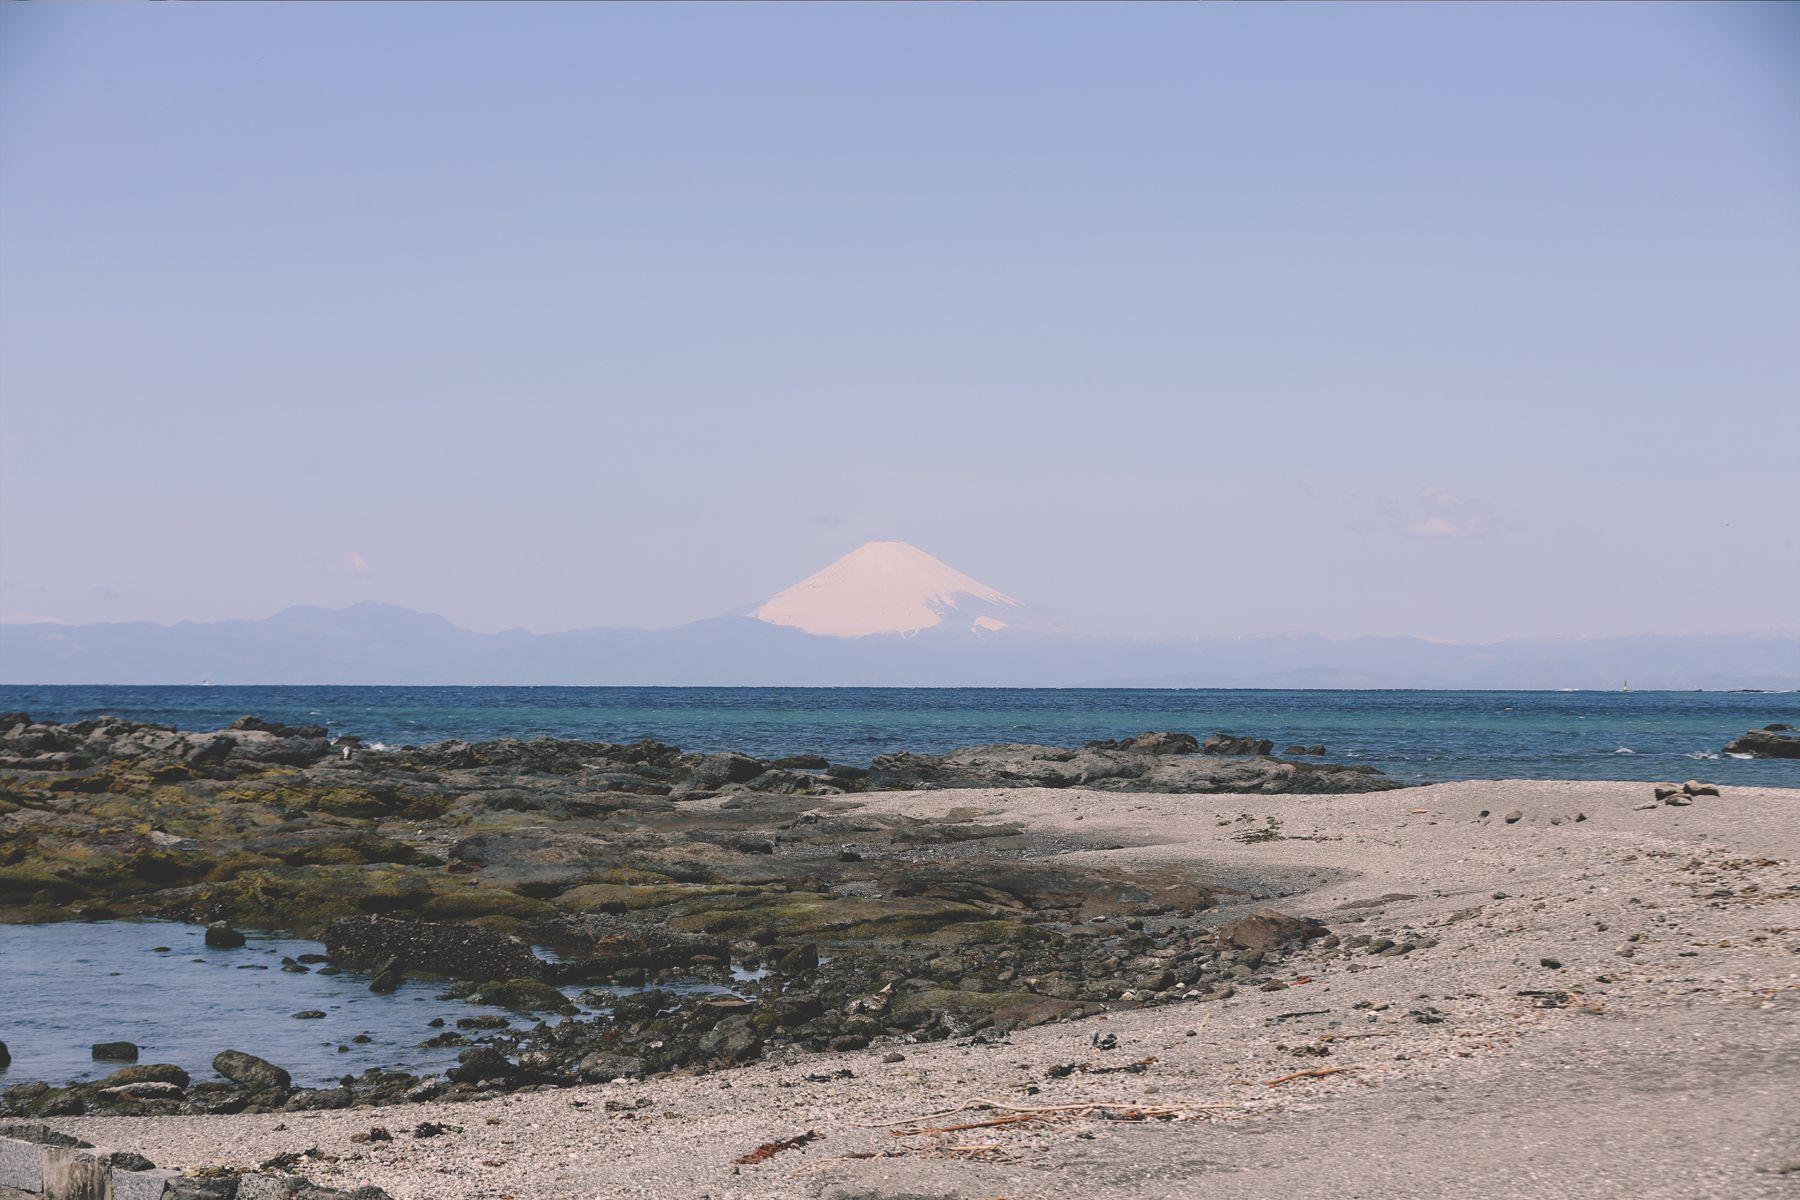 青い屋根の古民家スタジオ カマス邸富士山を望める海岸